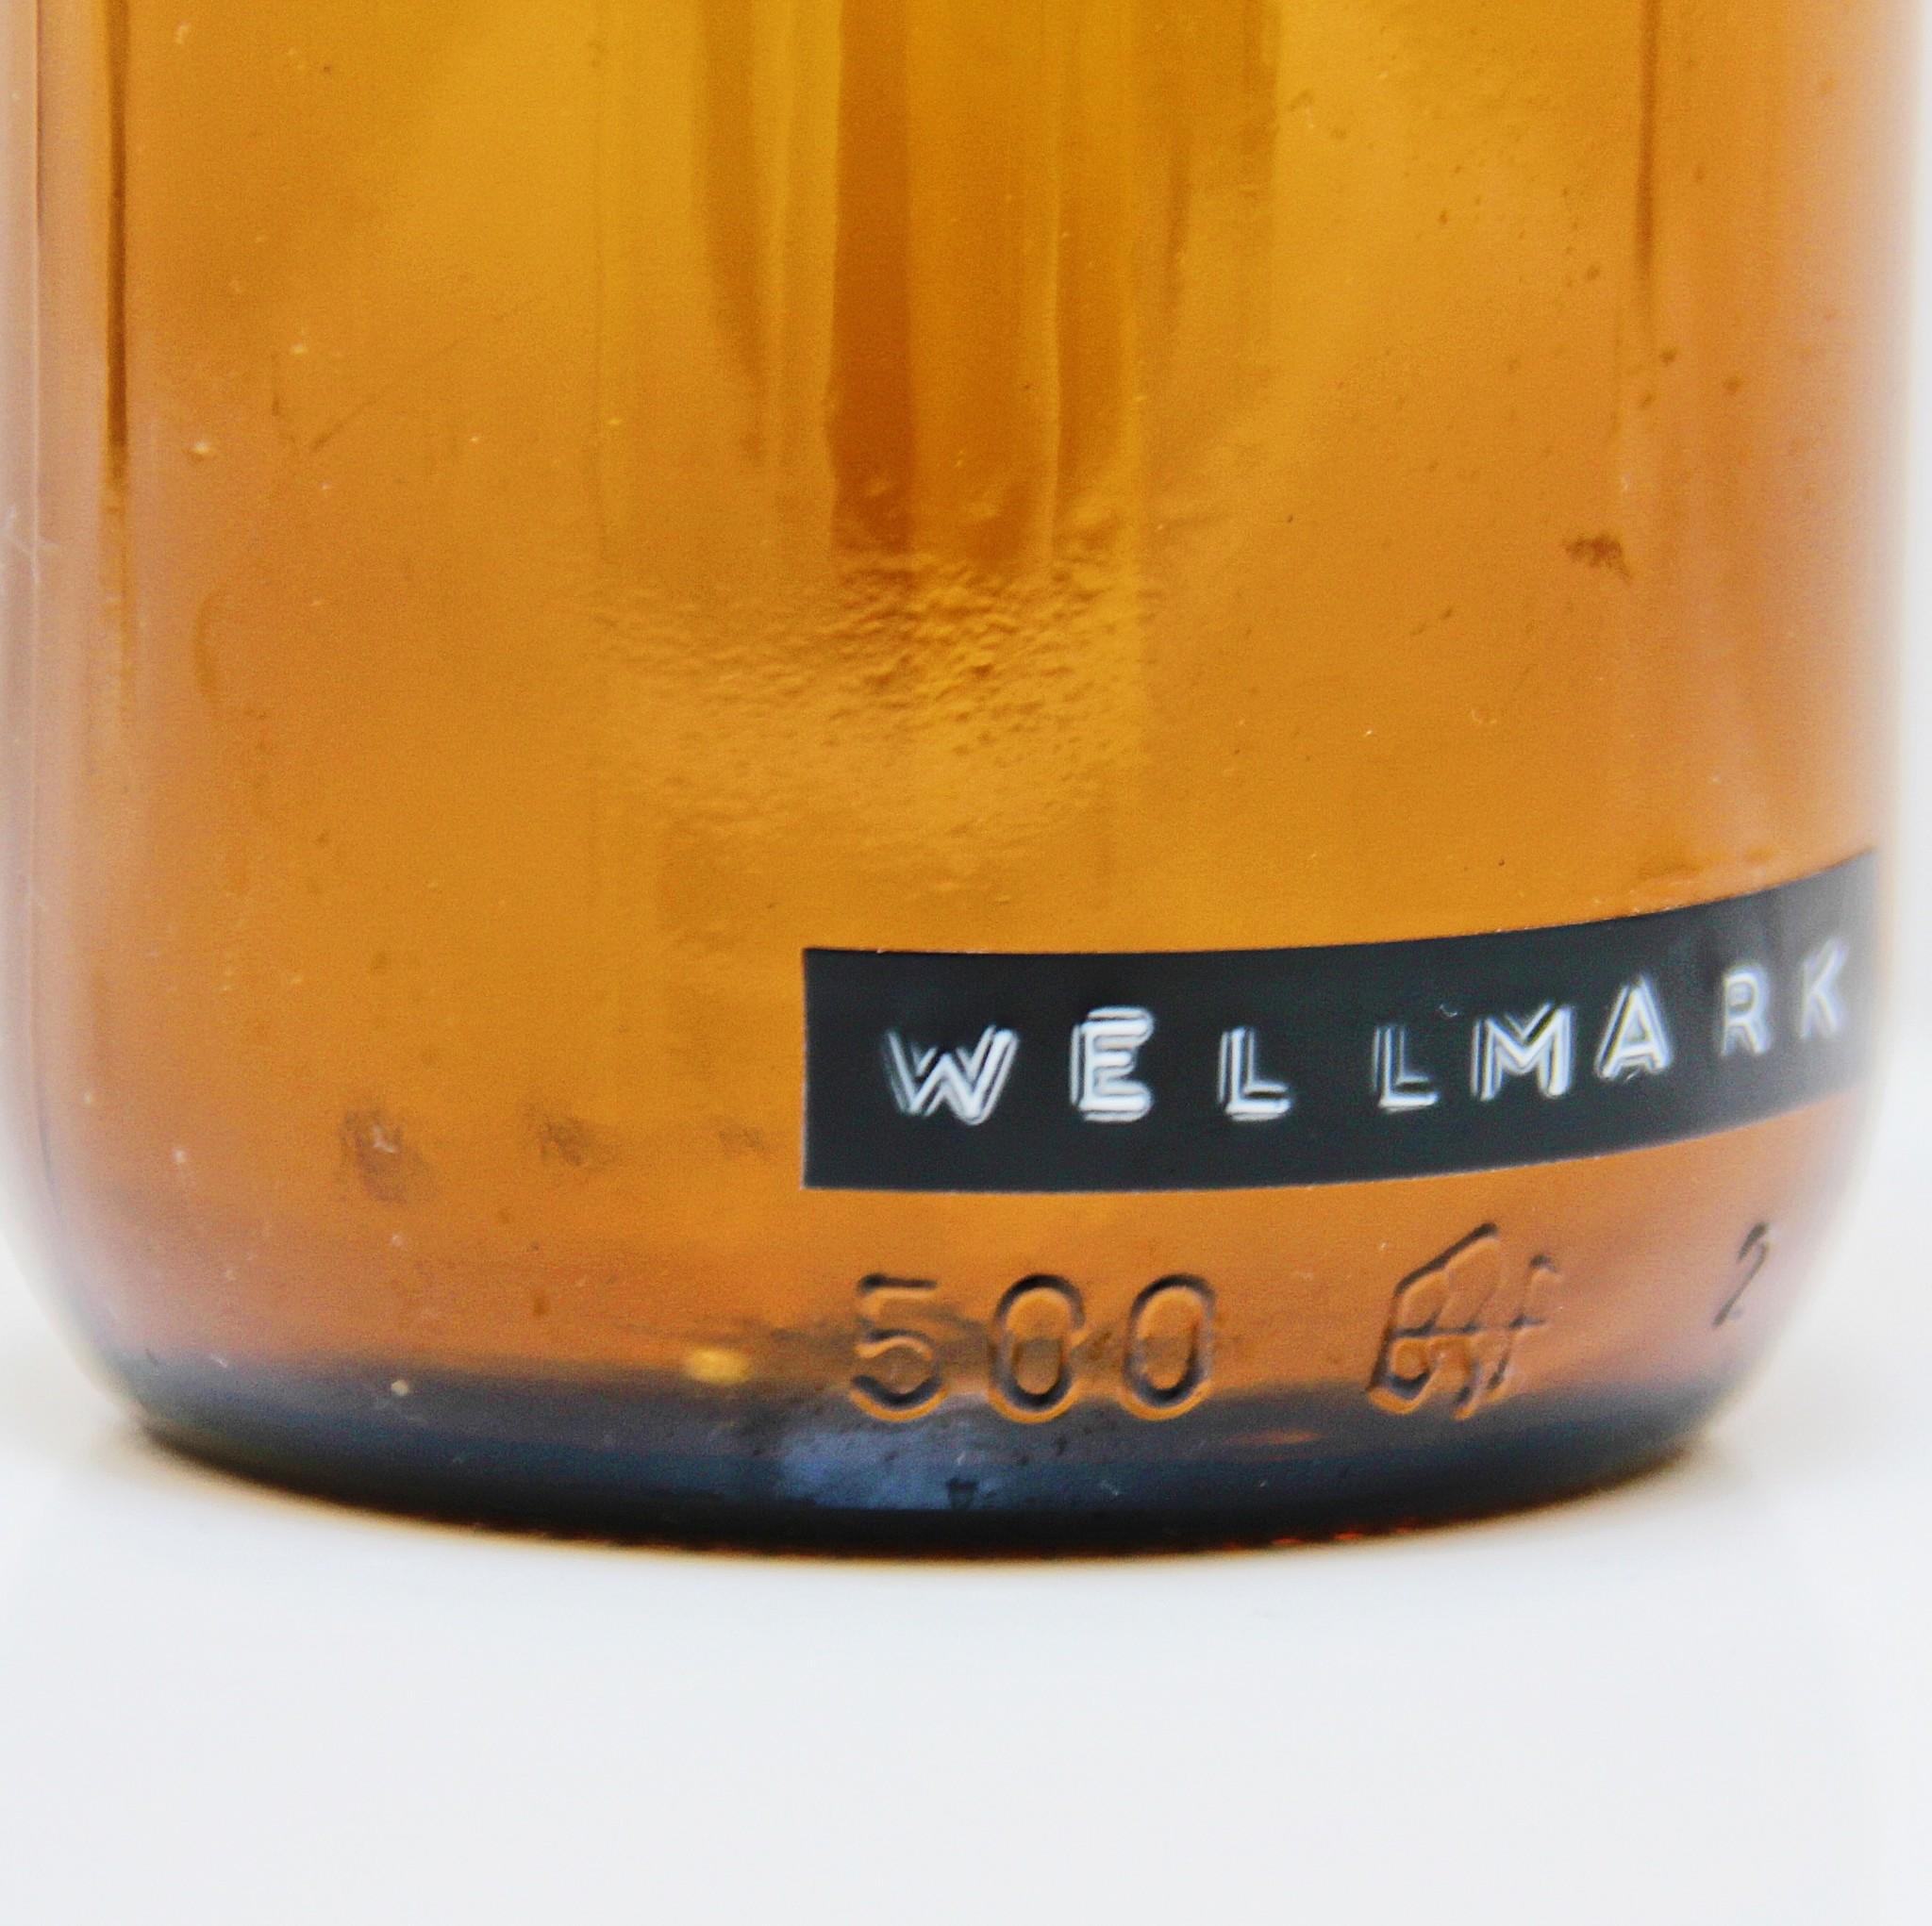 Wellmark Savon à main en verre - messing - merde arrive, il suffit de laver - 500ml